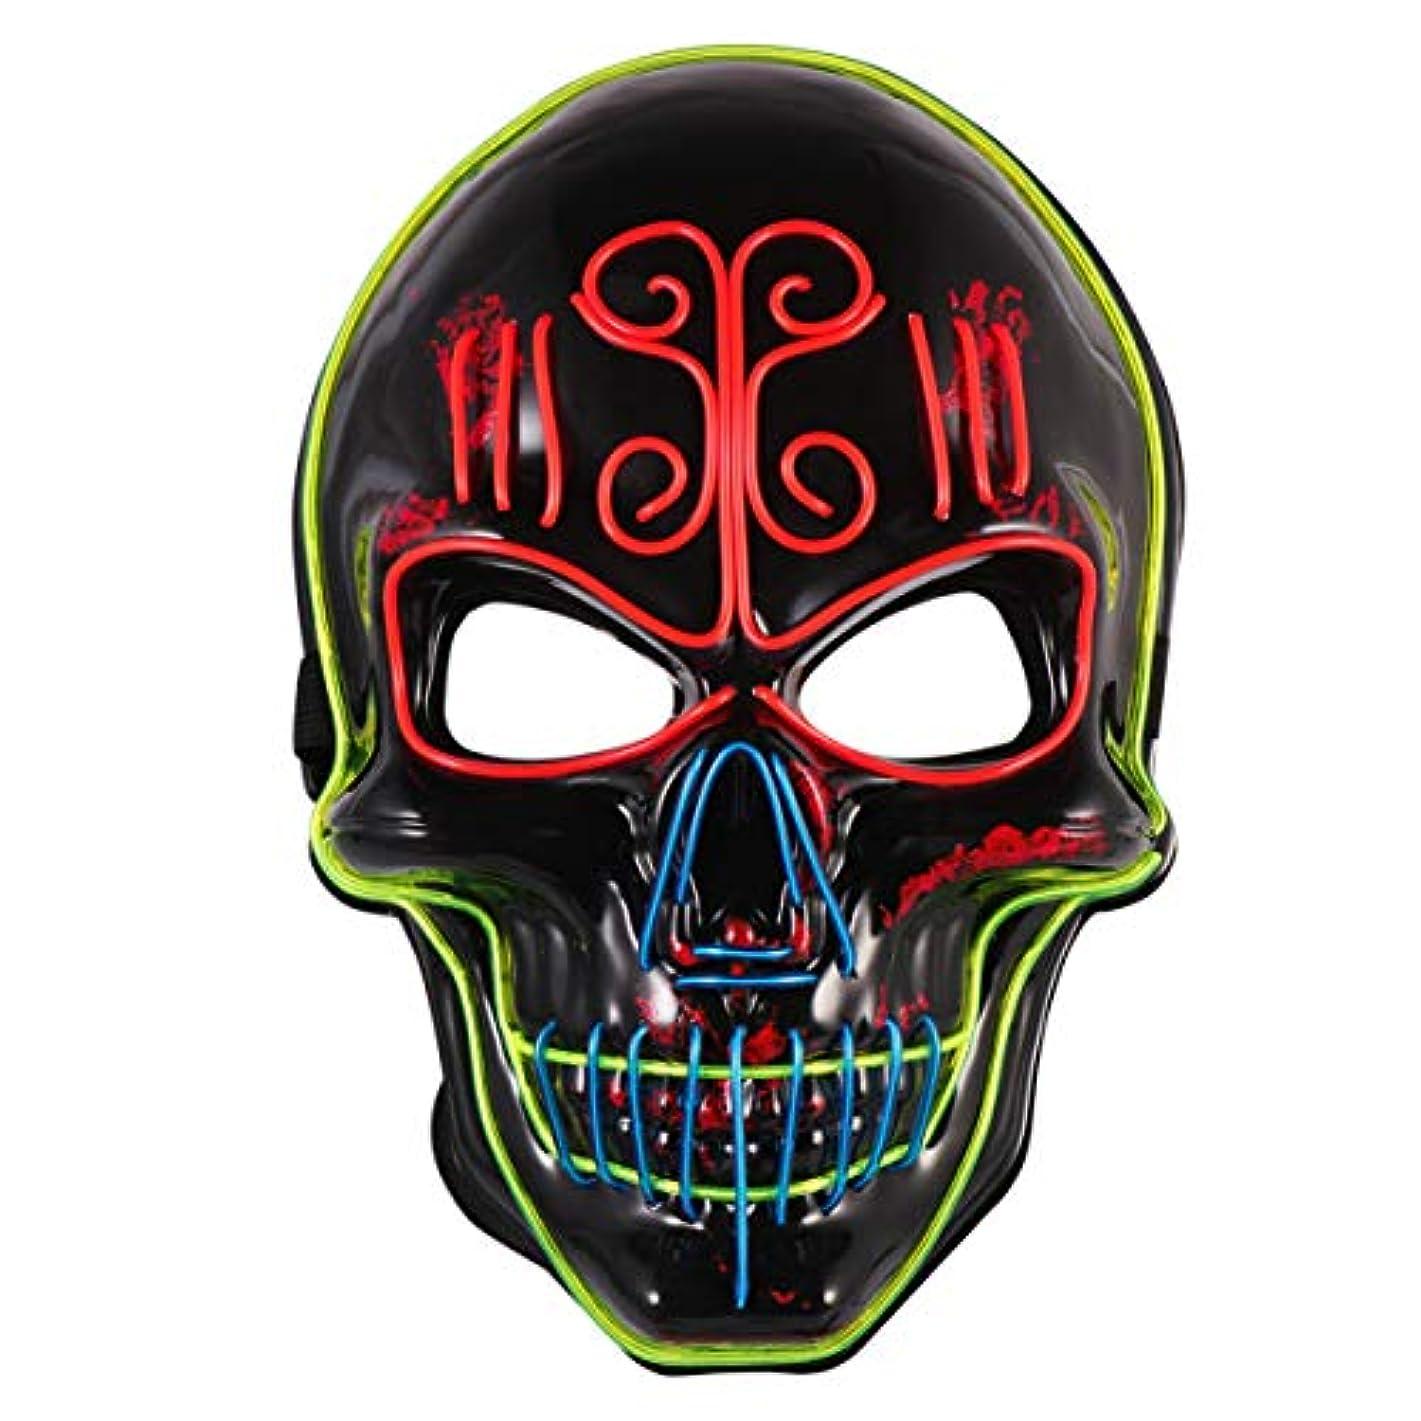 技術的な大臣大佐Amosfun ledライトマスク怖いスカルヘッドテロコスプレマスクヘッドカバー発光マスク用ファンシーパーティーハロウィンダンスパーティー